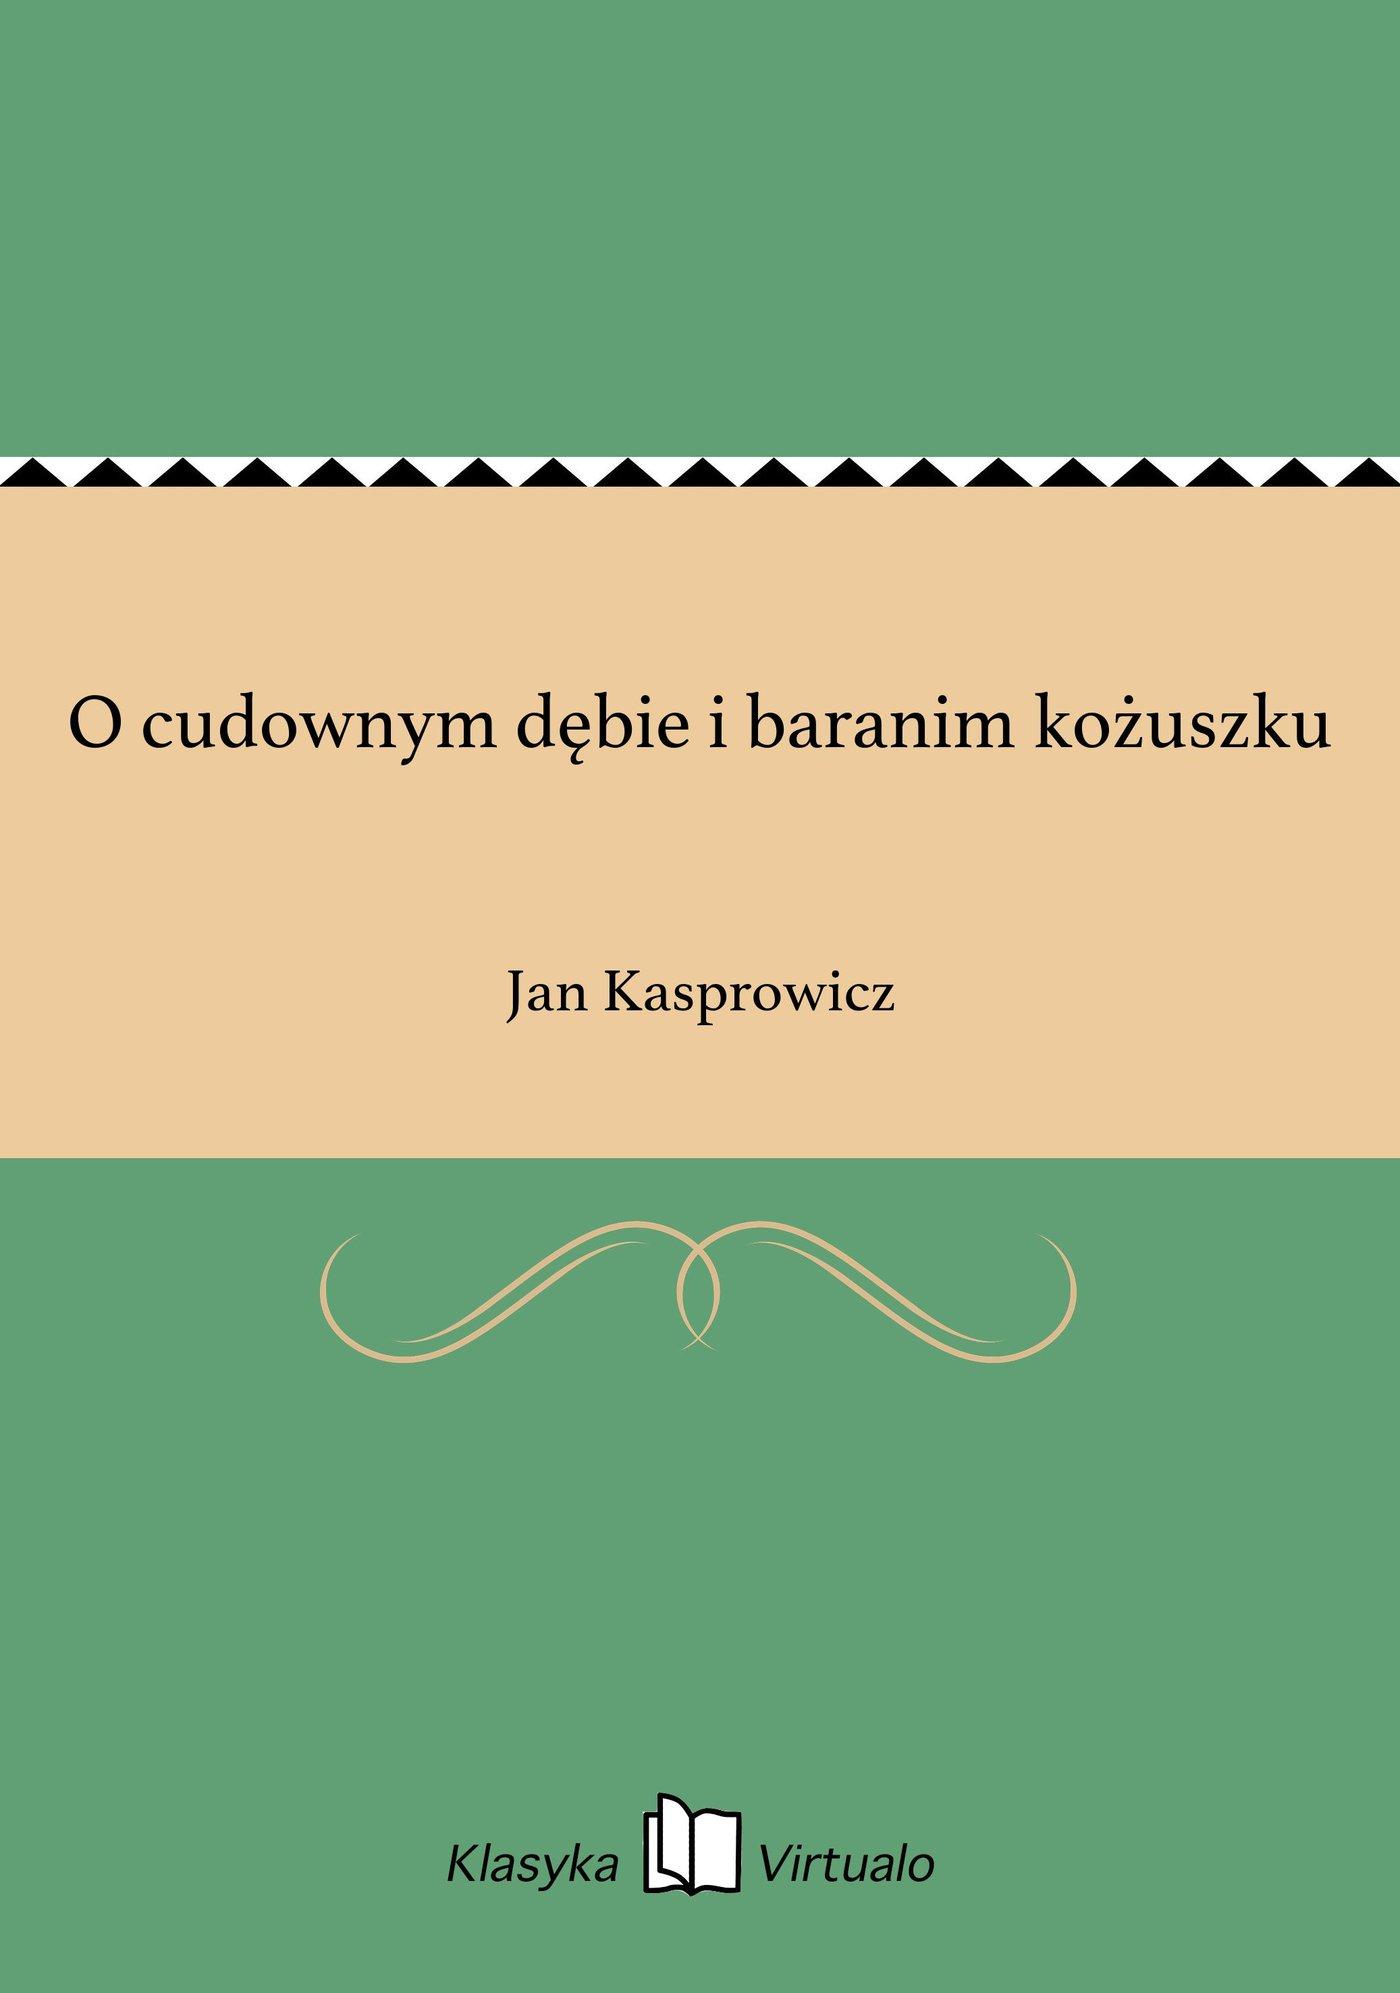 O cudownym dębie i baranim kożuszku - Ebook (Książka EPUB) do pobrania w formacie EPUB